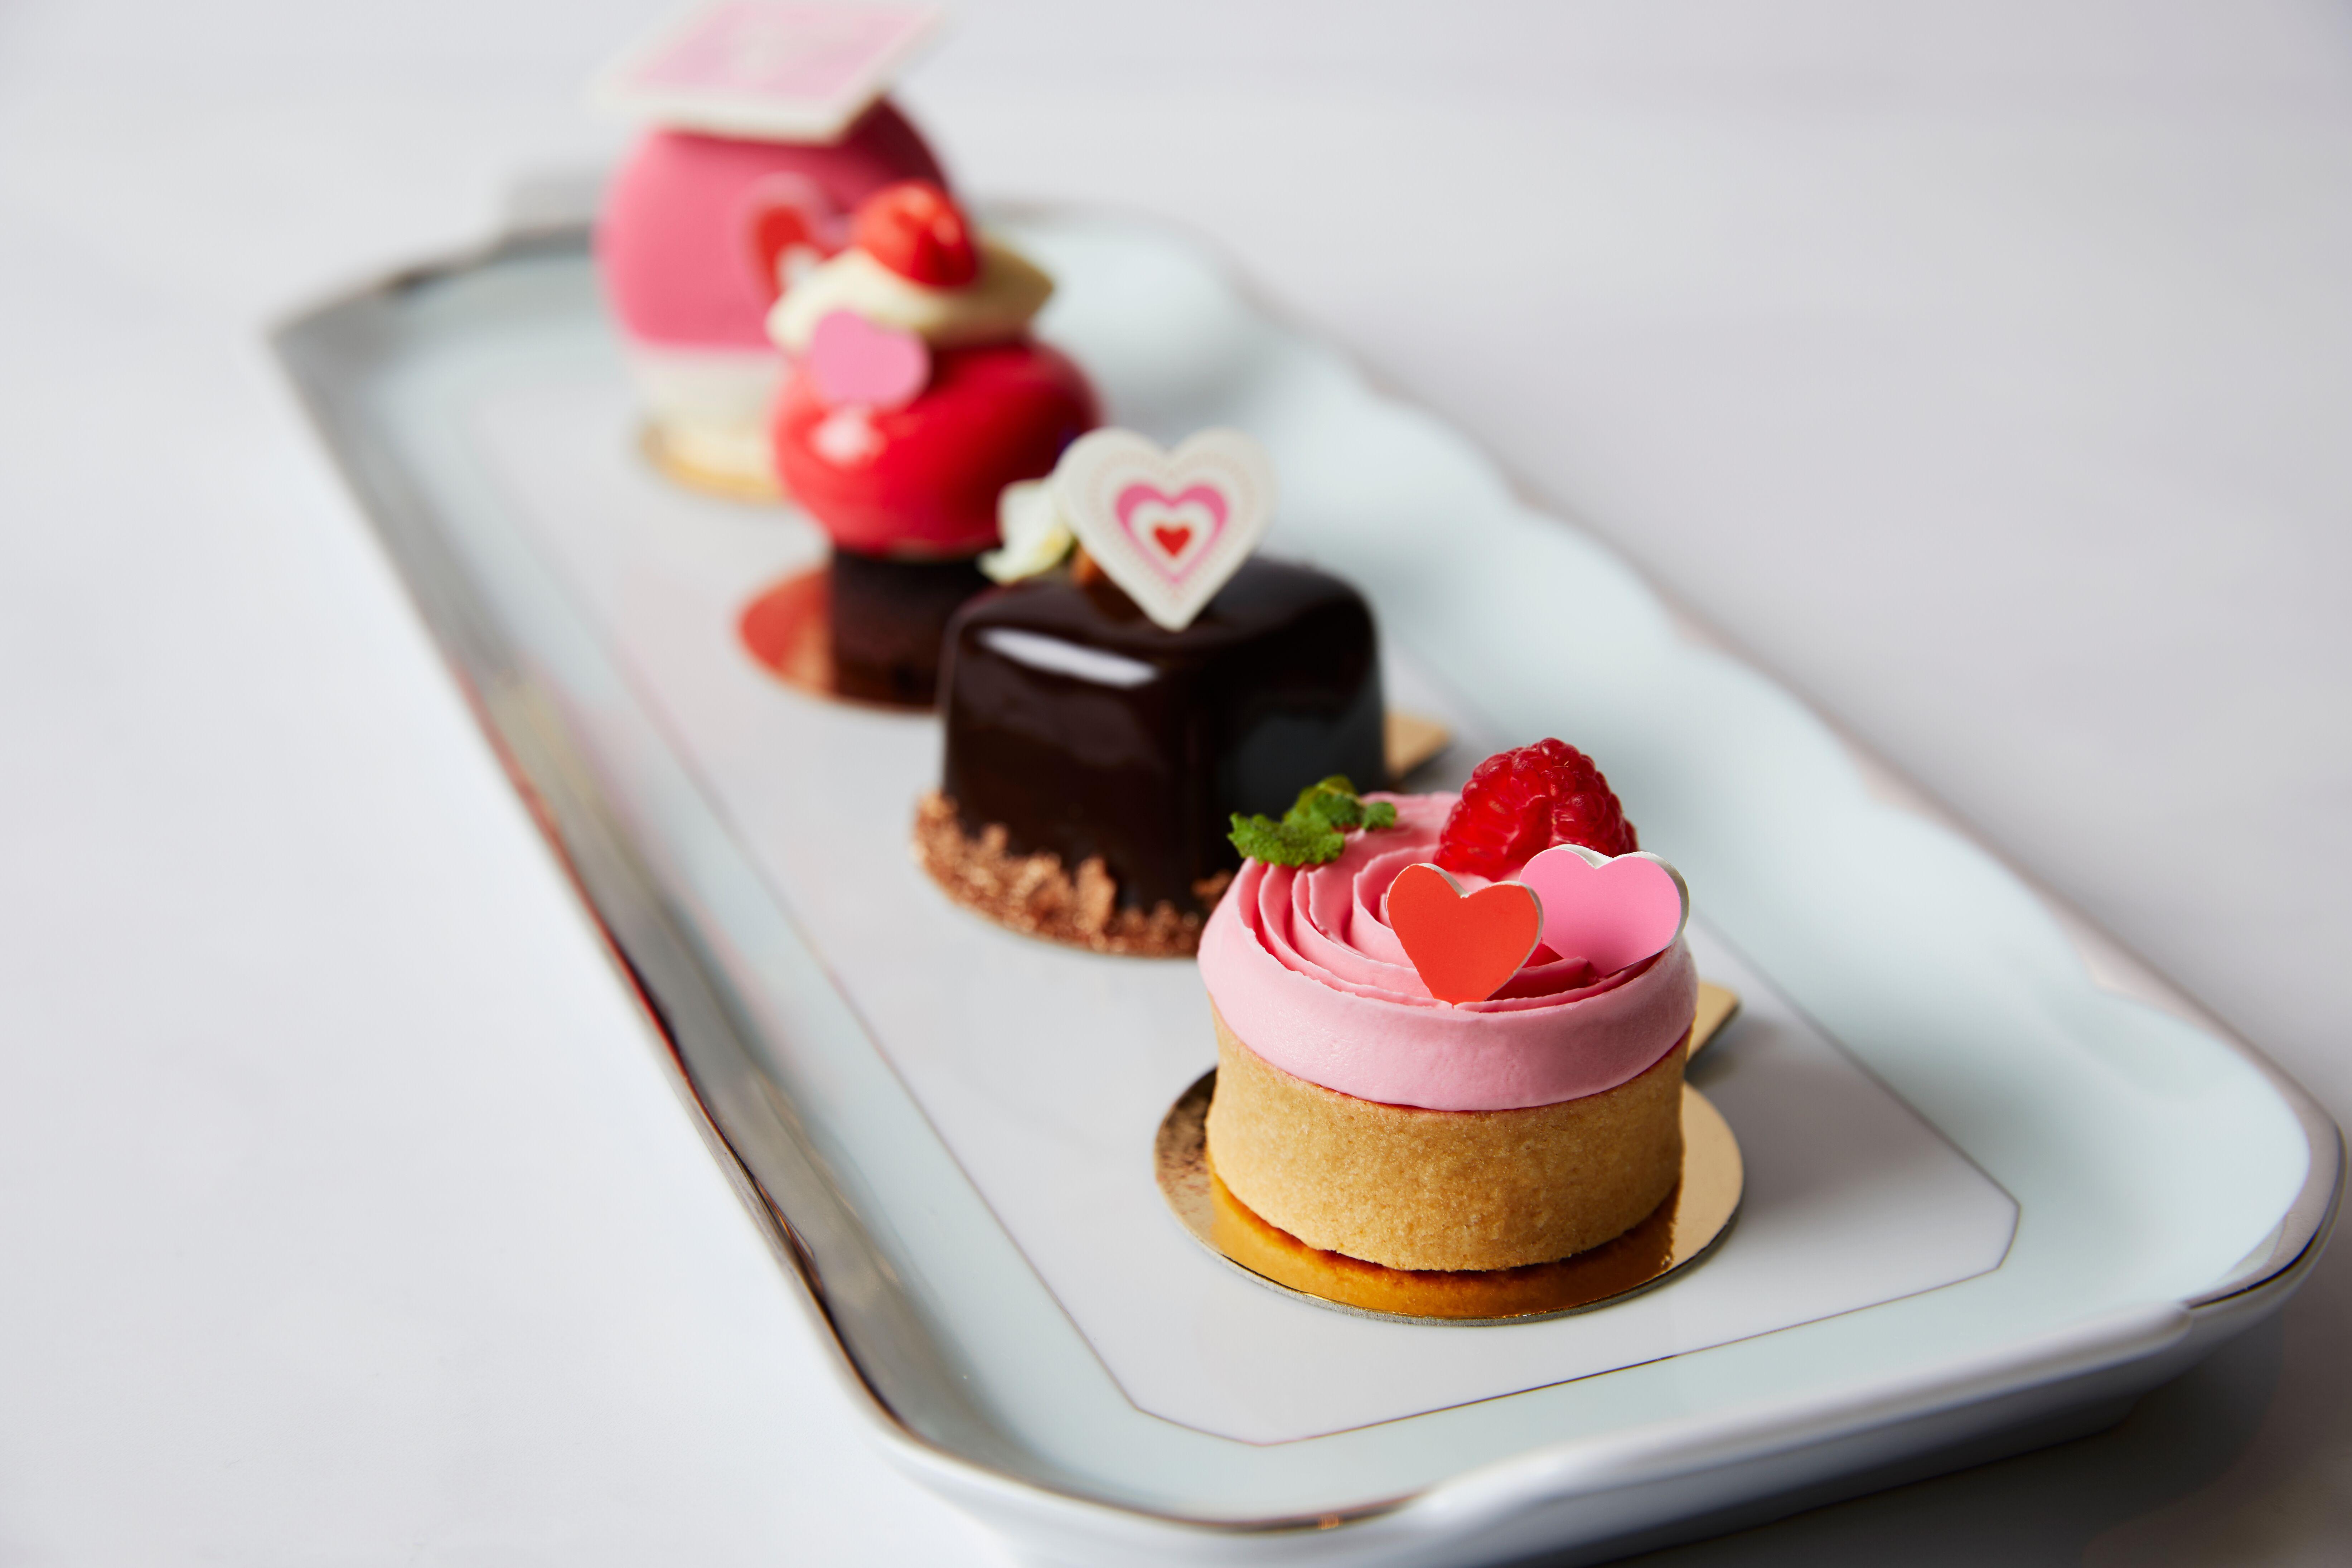 Luxury Valentine's Day Restaurants in London, Valentine's Day Restaurants in London 2019, best Valentine's Day Restaurants in London 2019, top Valentine's Day Restaurants in London 2019, where to celebrate Valentine's Day in London 2019, Valentine's Day Restaurants London 2019, Valentine's Day Restaurants London